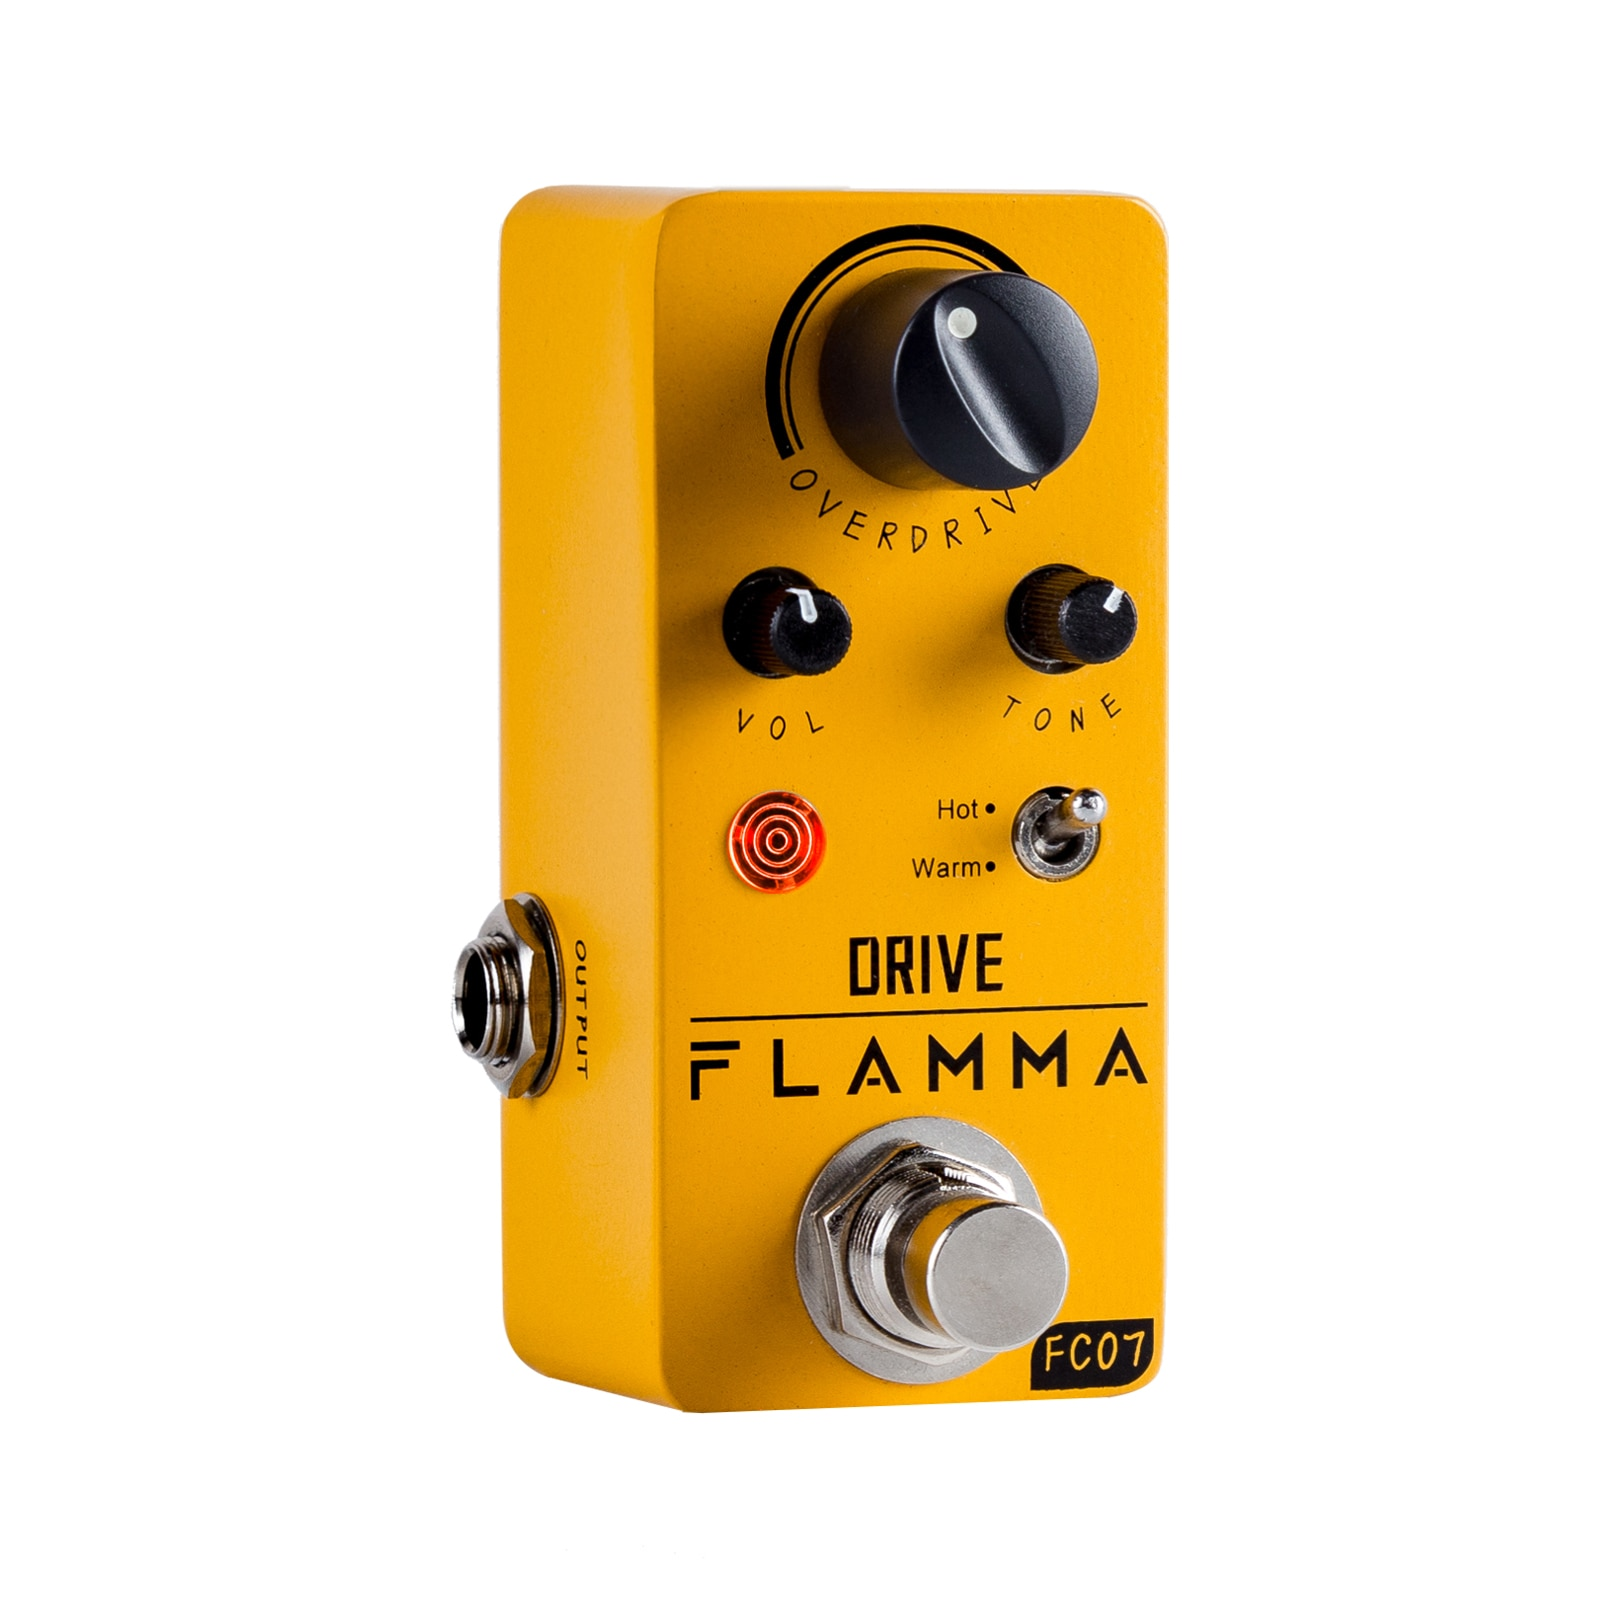 Педаль-для-электрогитары-flamma-fc07-overdrive-педаль-для-создания-эффектов-на-электрогитаре-с-теплым-режимом-с-блоком-питания